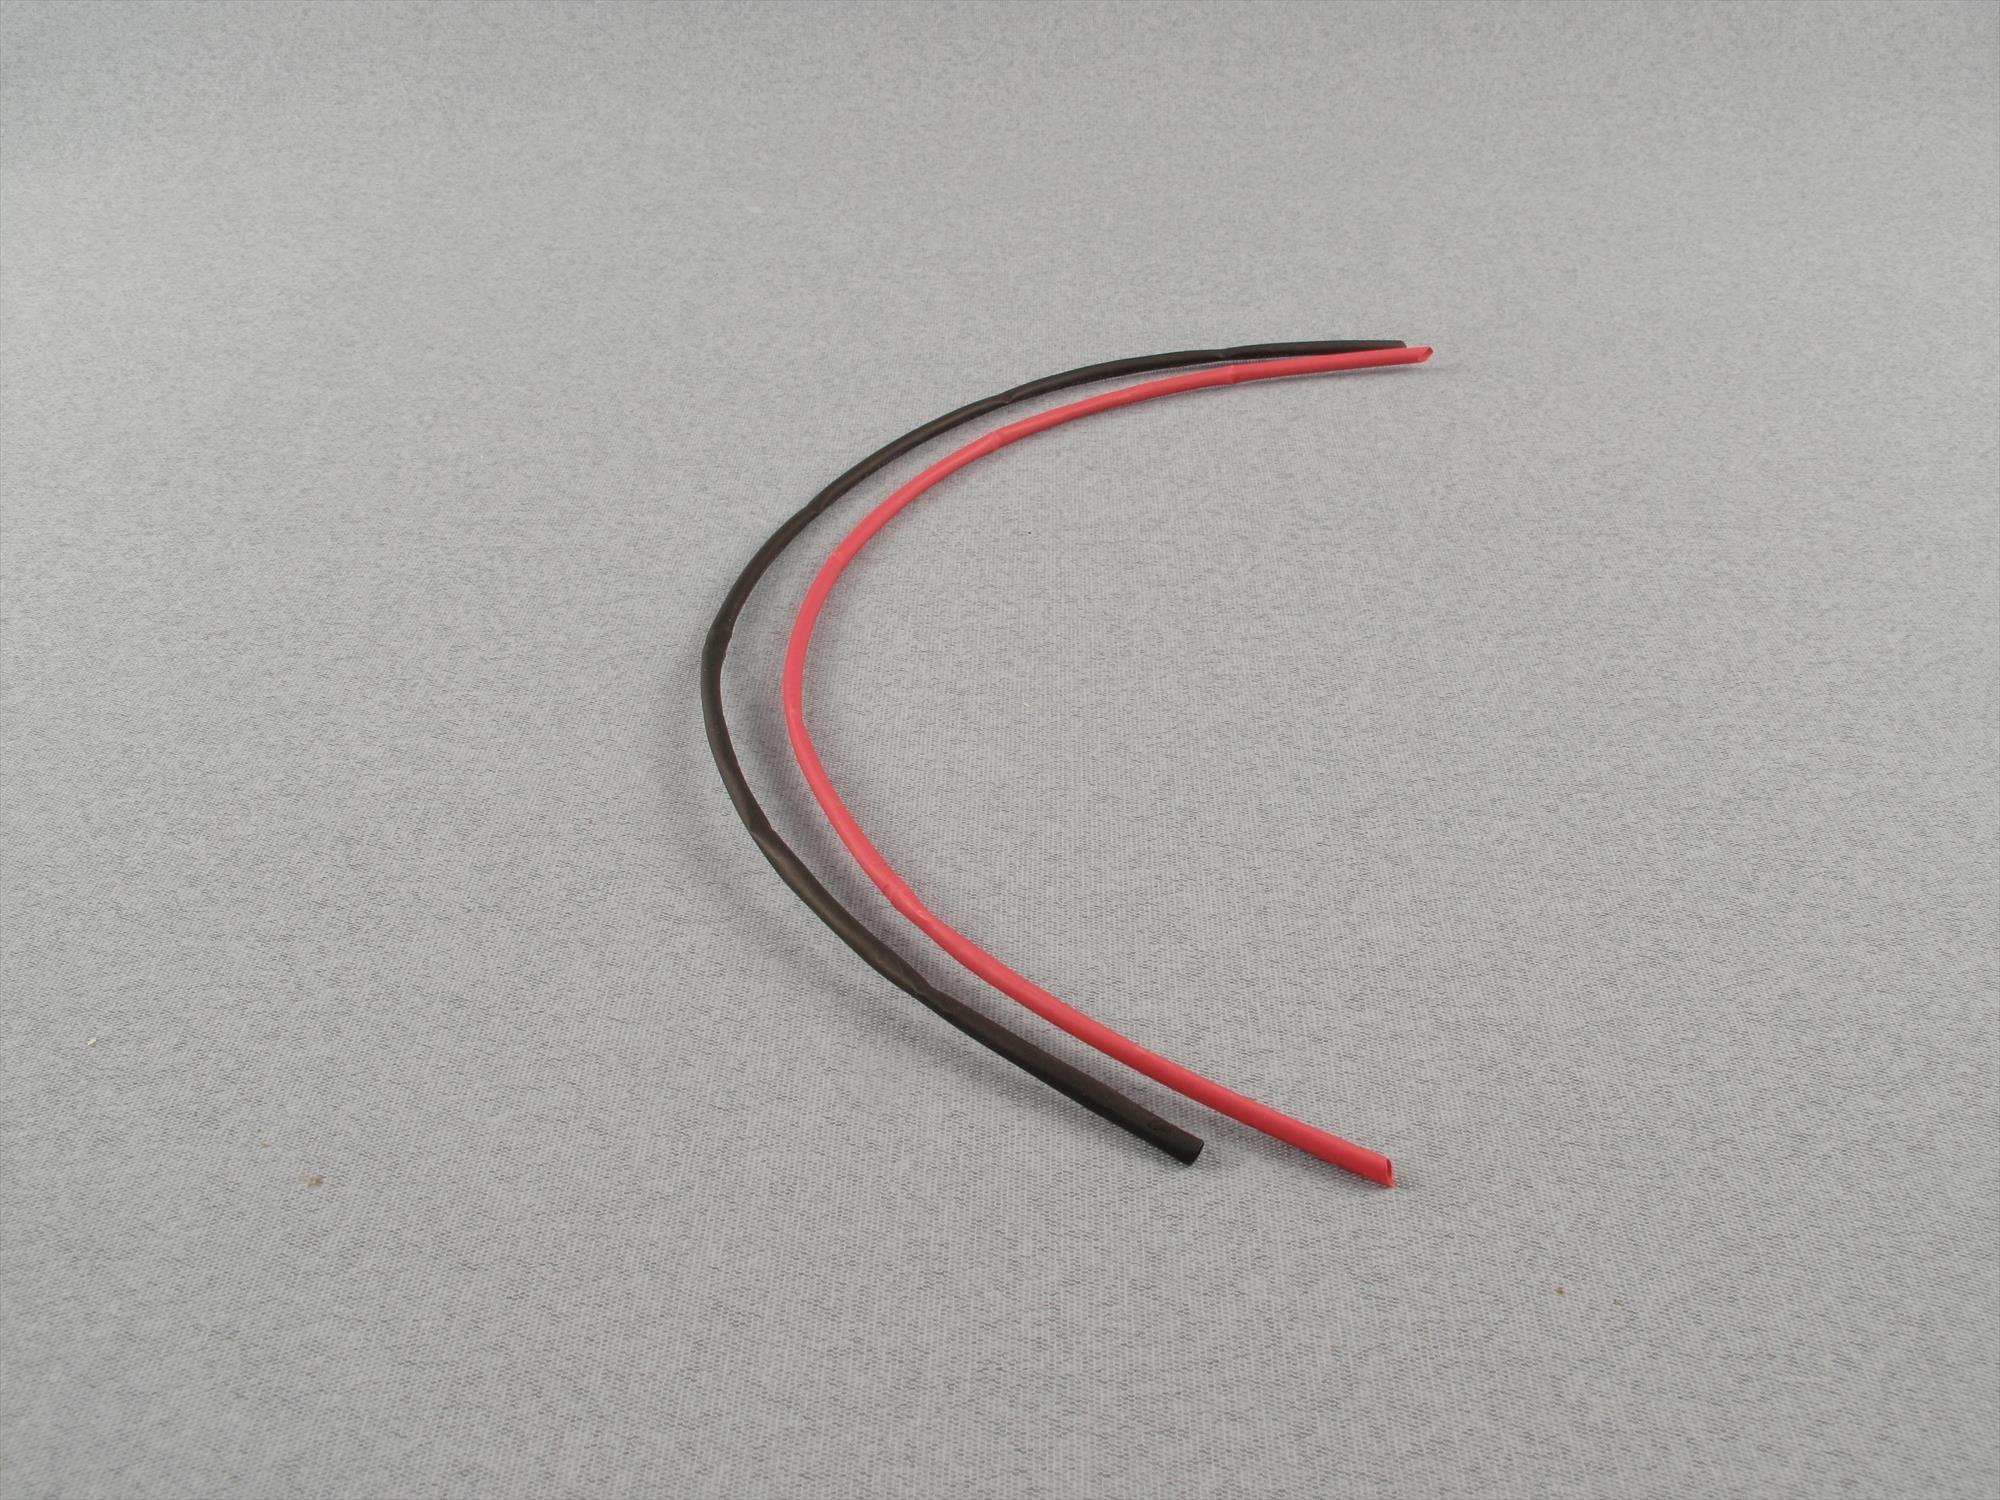 90mm O-LG-HS90 1m Clear Heat Shrink